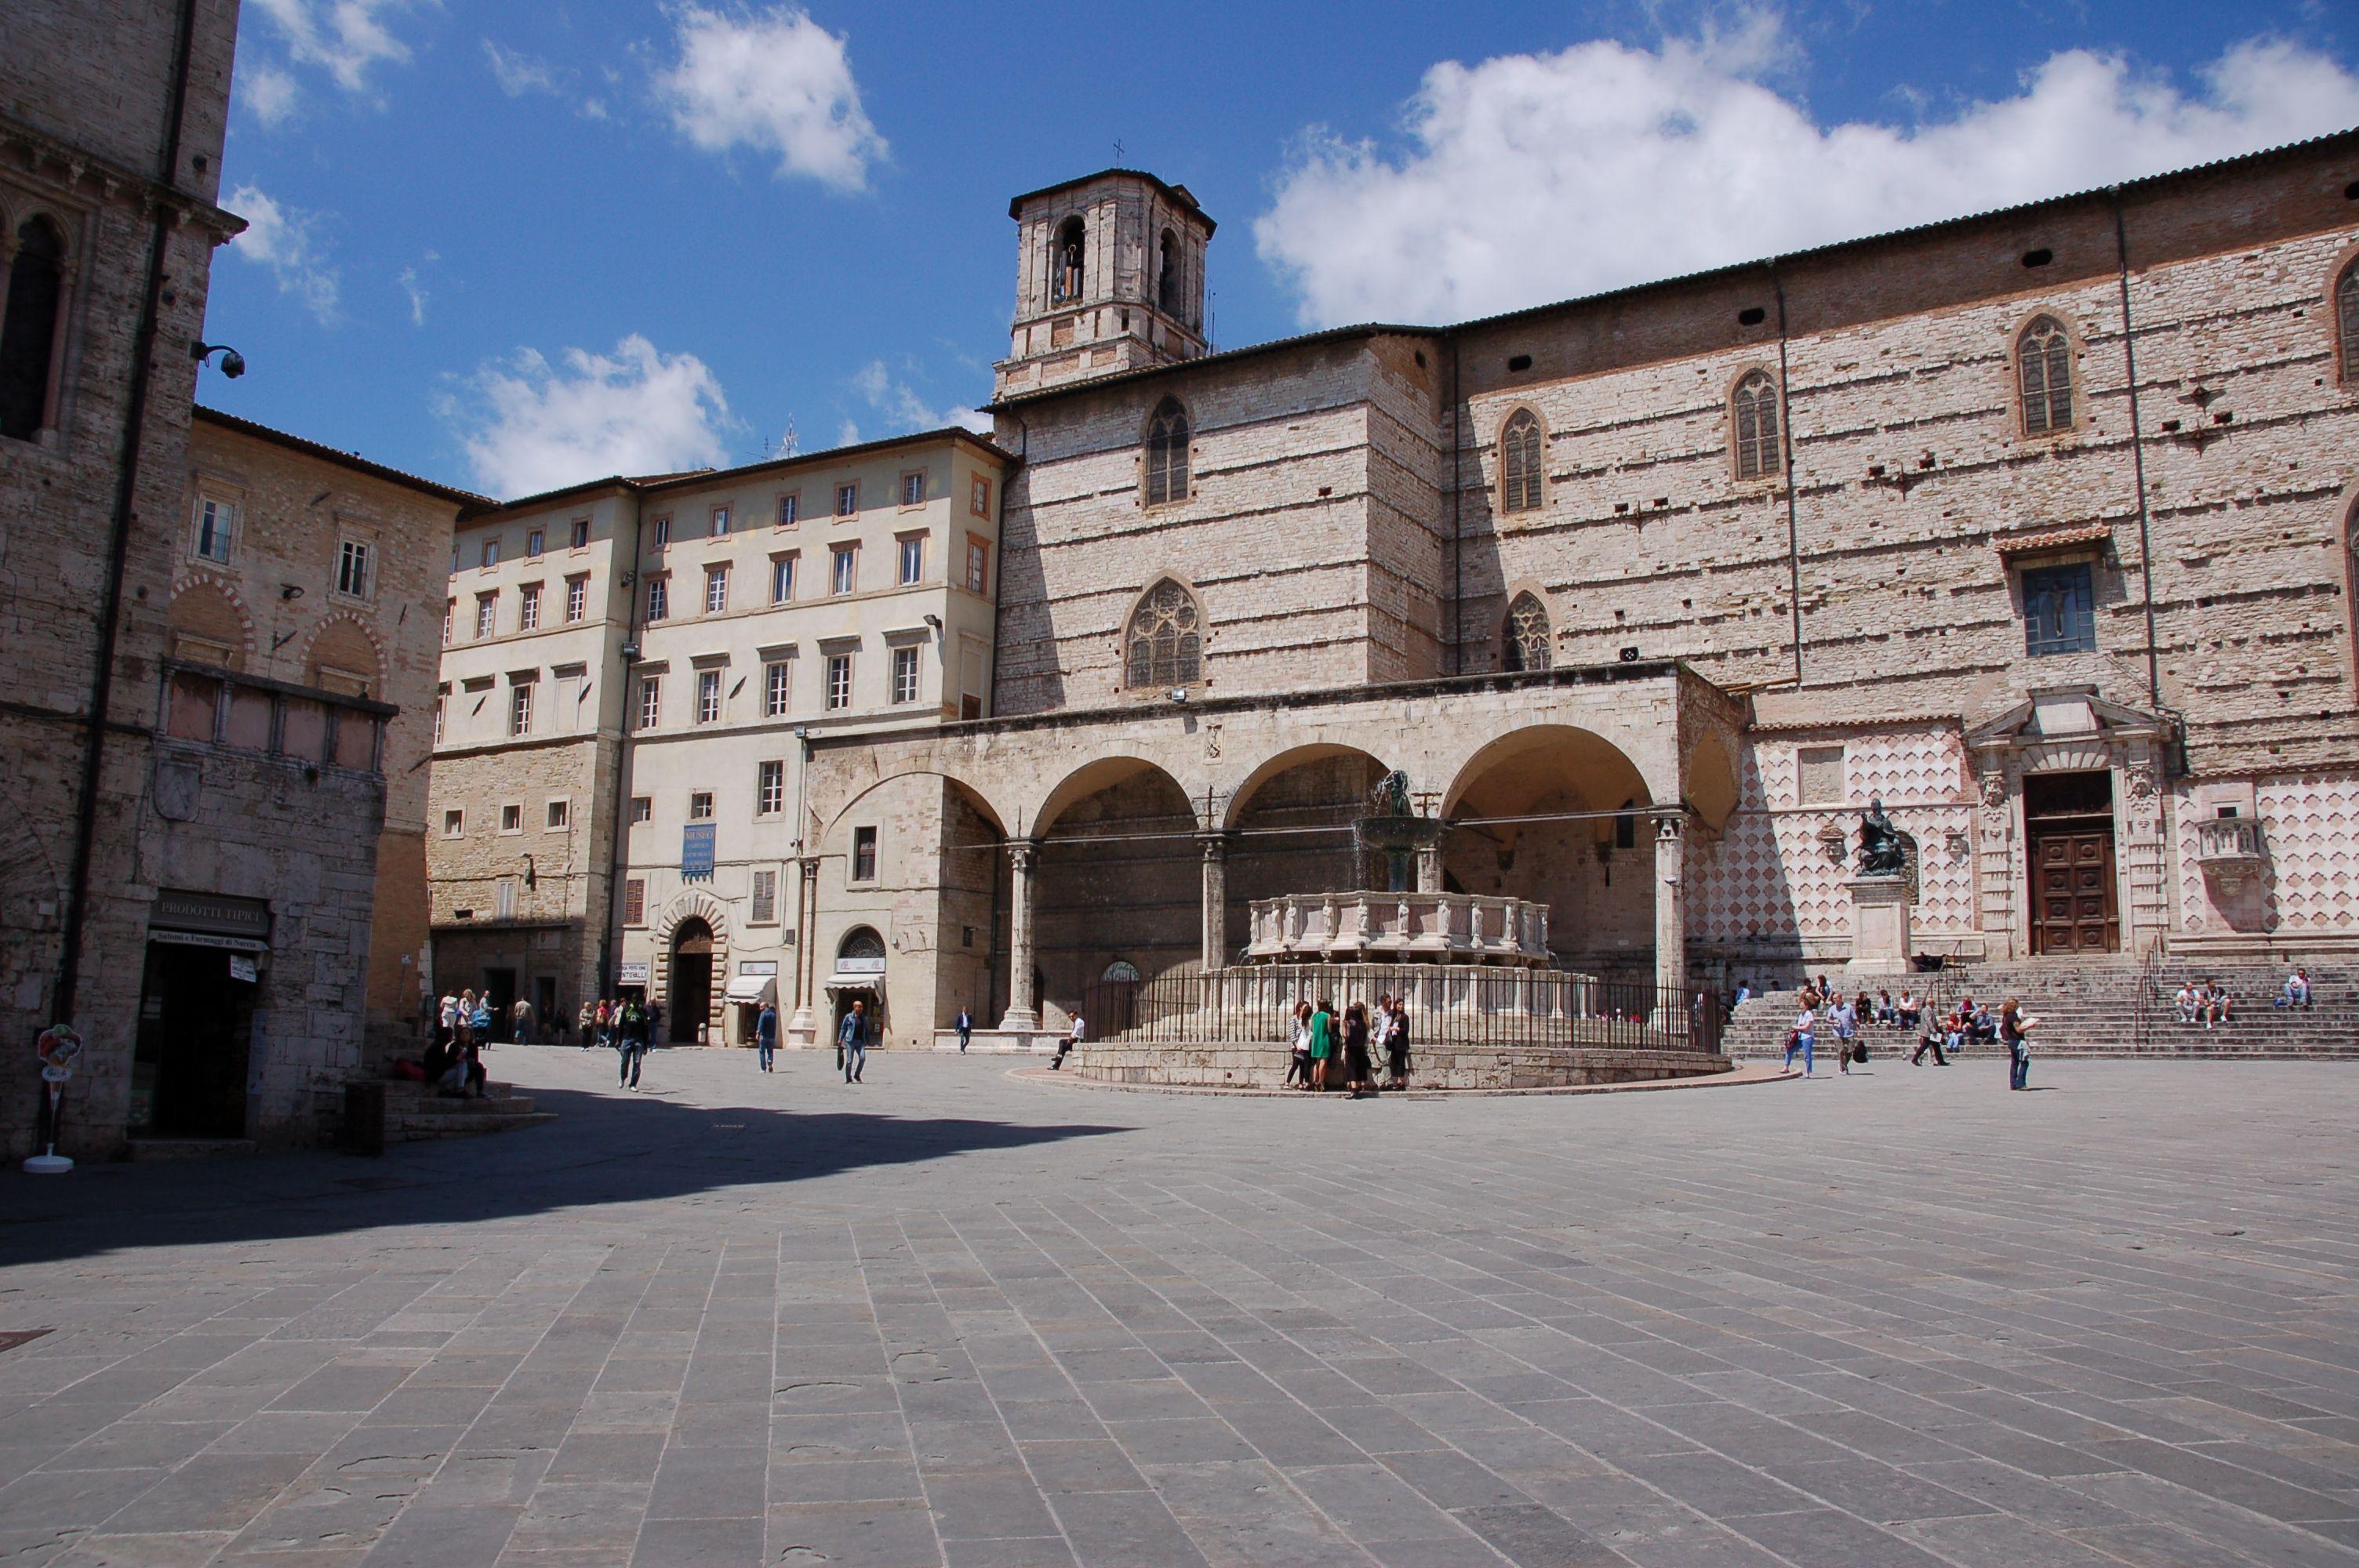 Perugia Piazza IV Novembre,Cattedrale di San Domenico